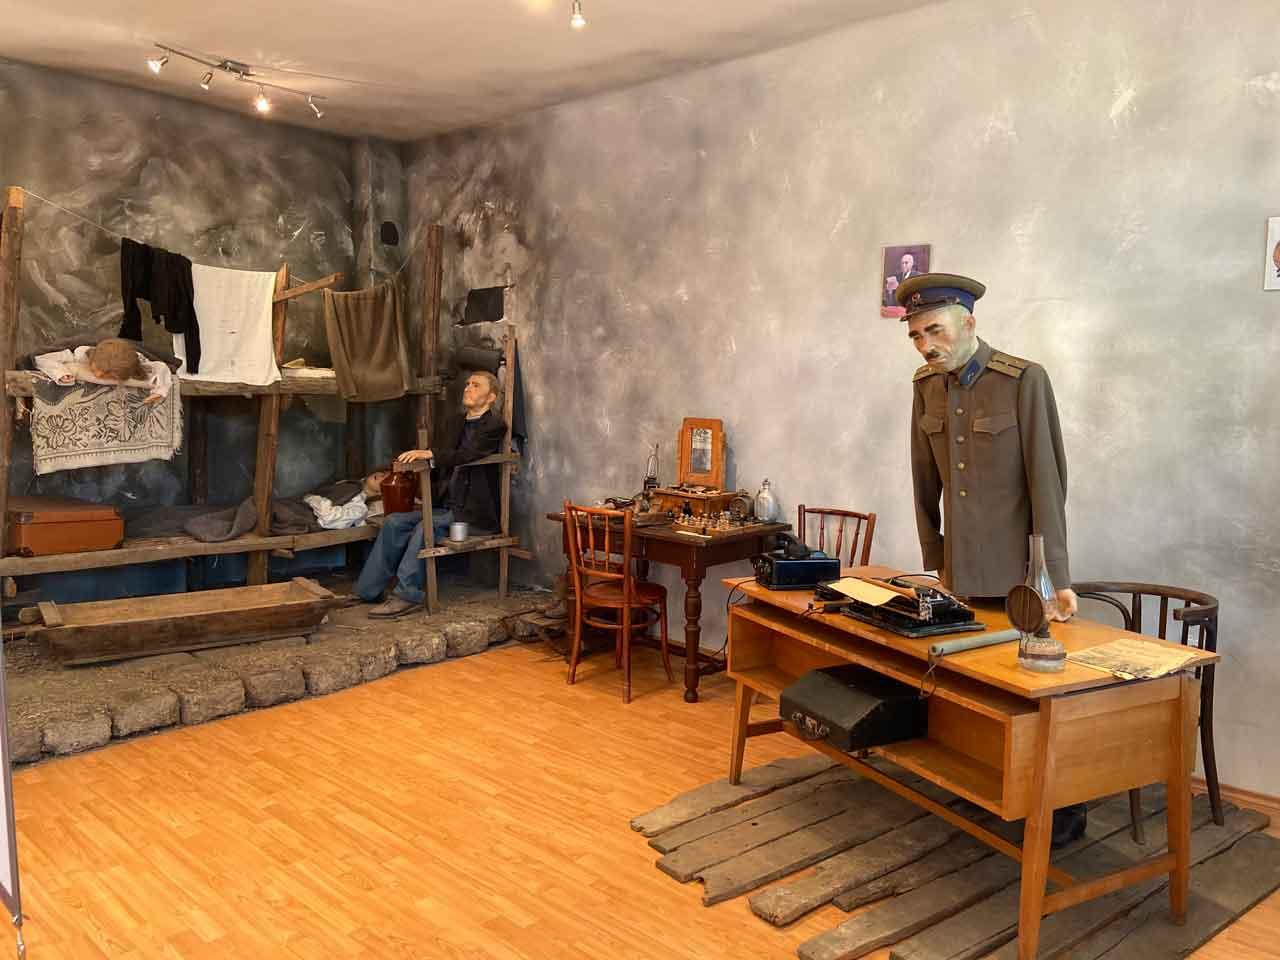 múzeum--Ítélet-nélkül-családok-munkatáborokban